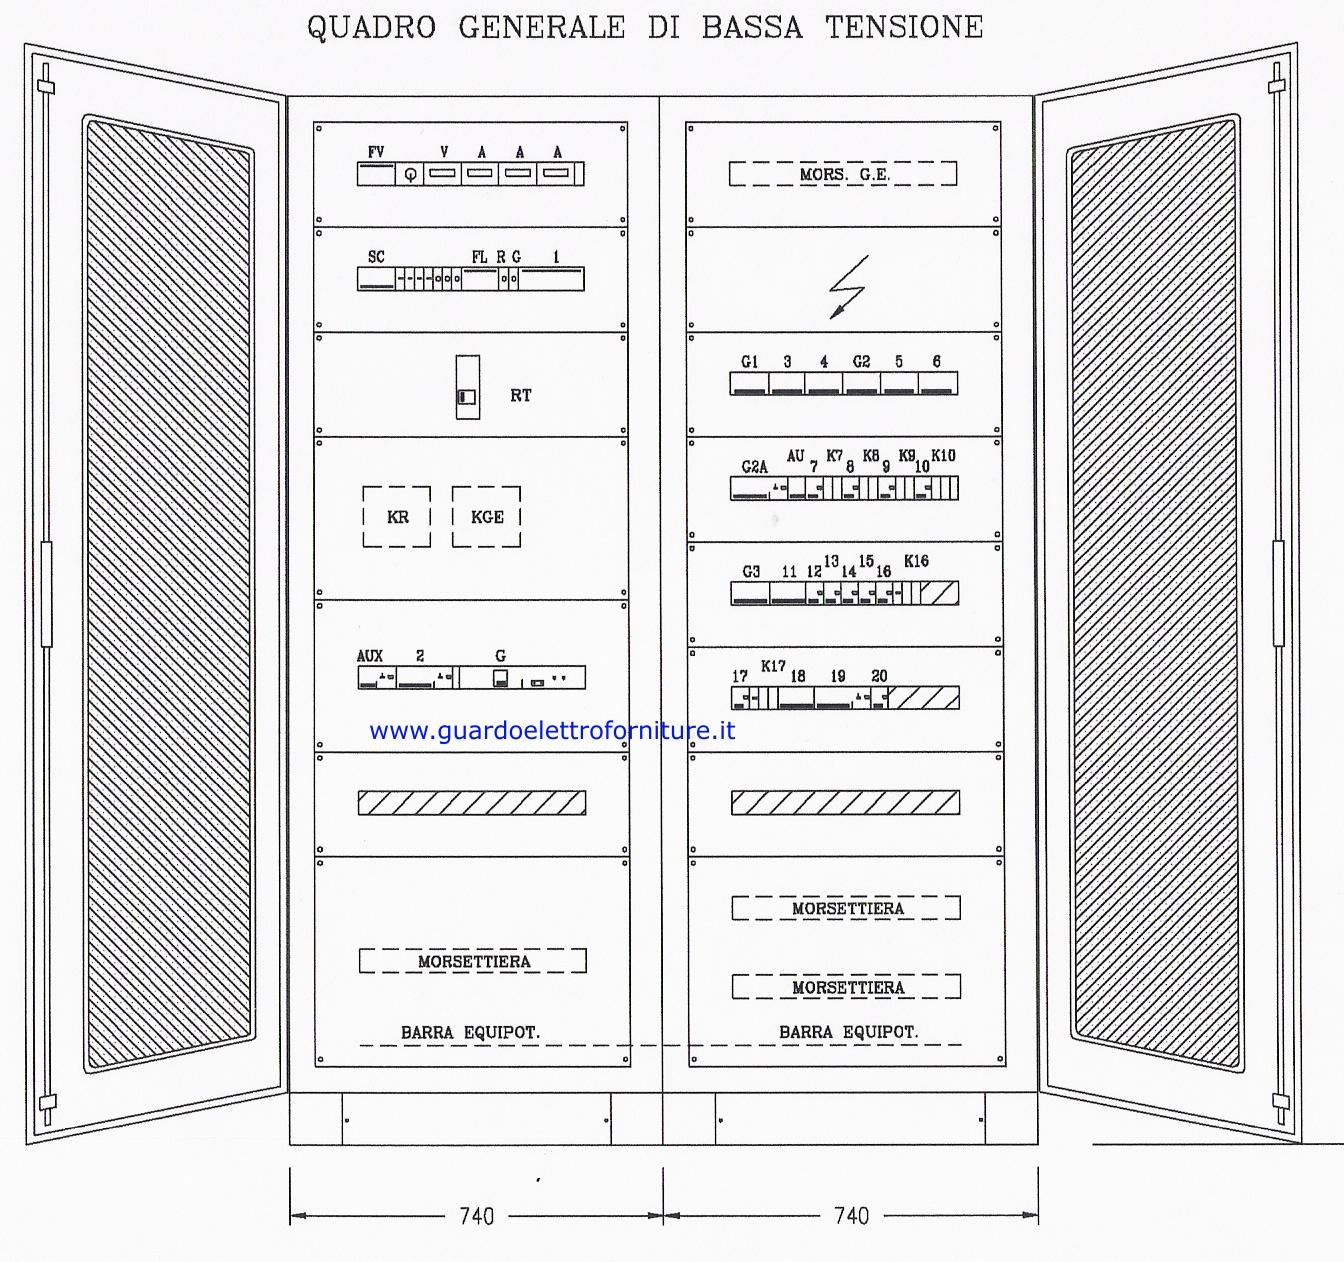 Schema Elettrico Quadro Pego : Schema elettrico quadro fare di una mosca